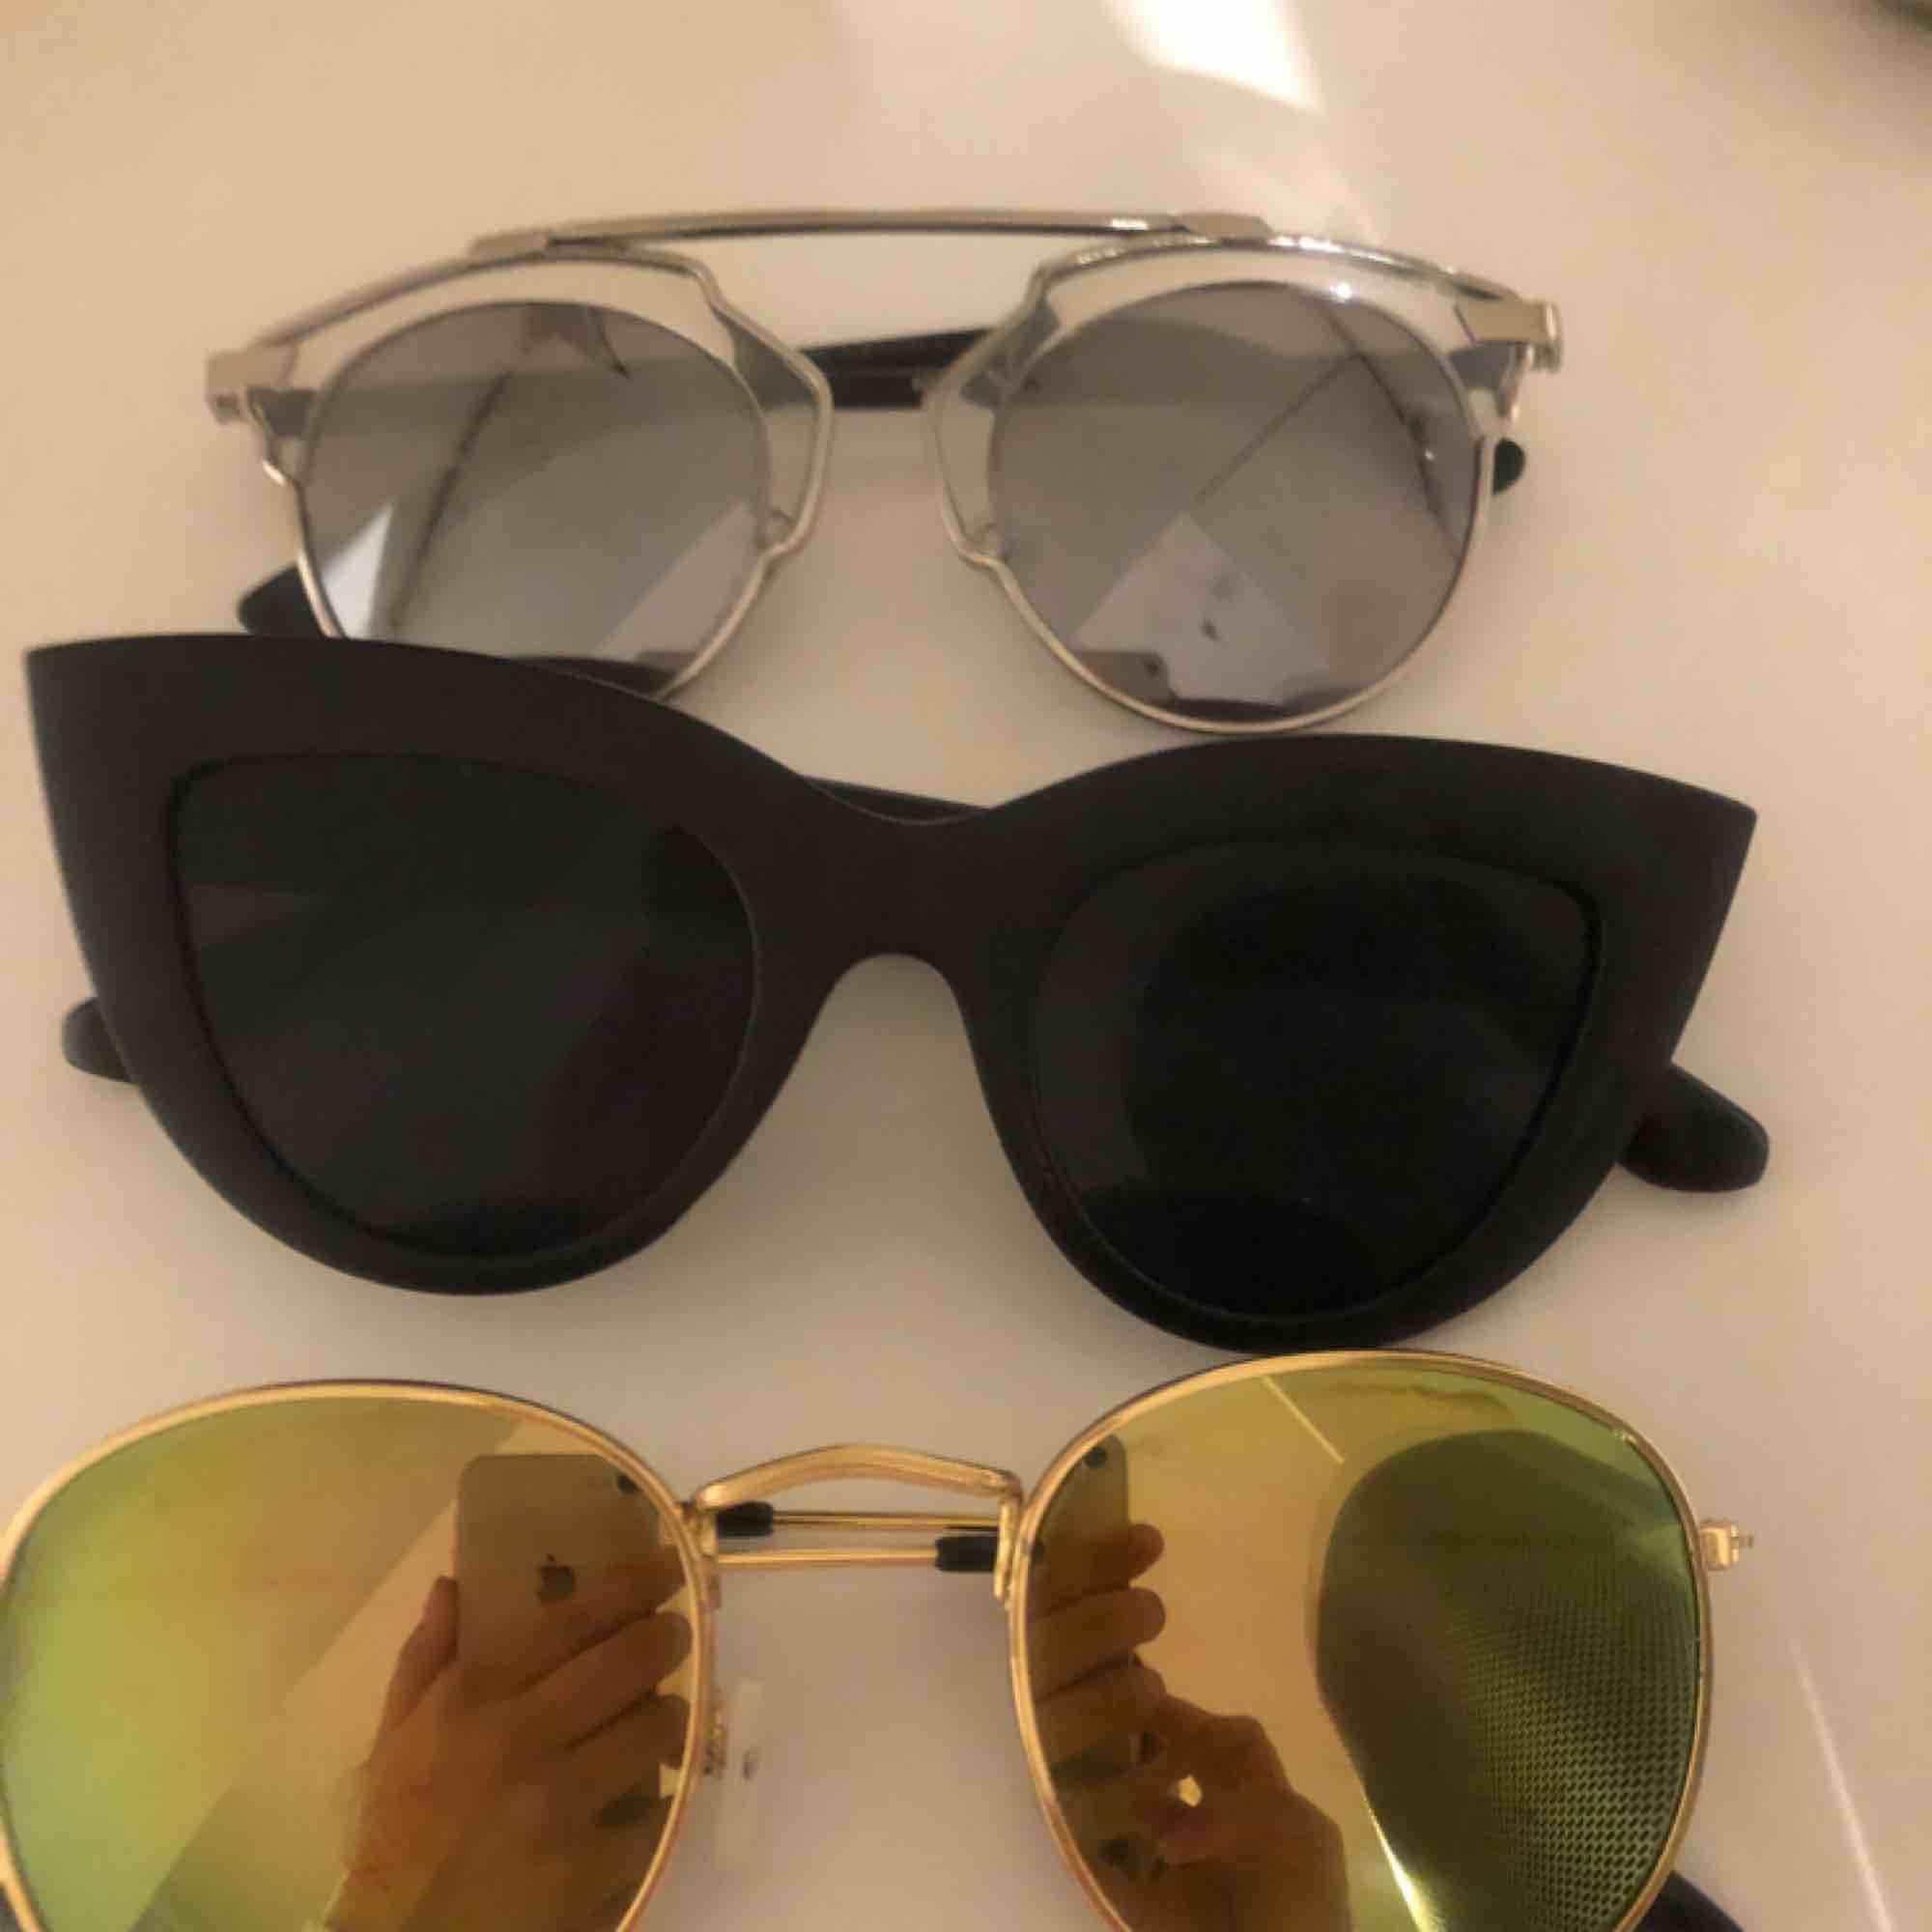 solglasögon, 50kr st / 100kr för alla. Accessoarer.